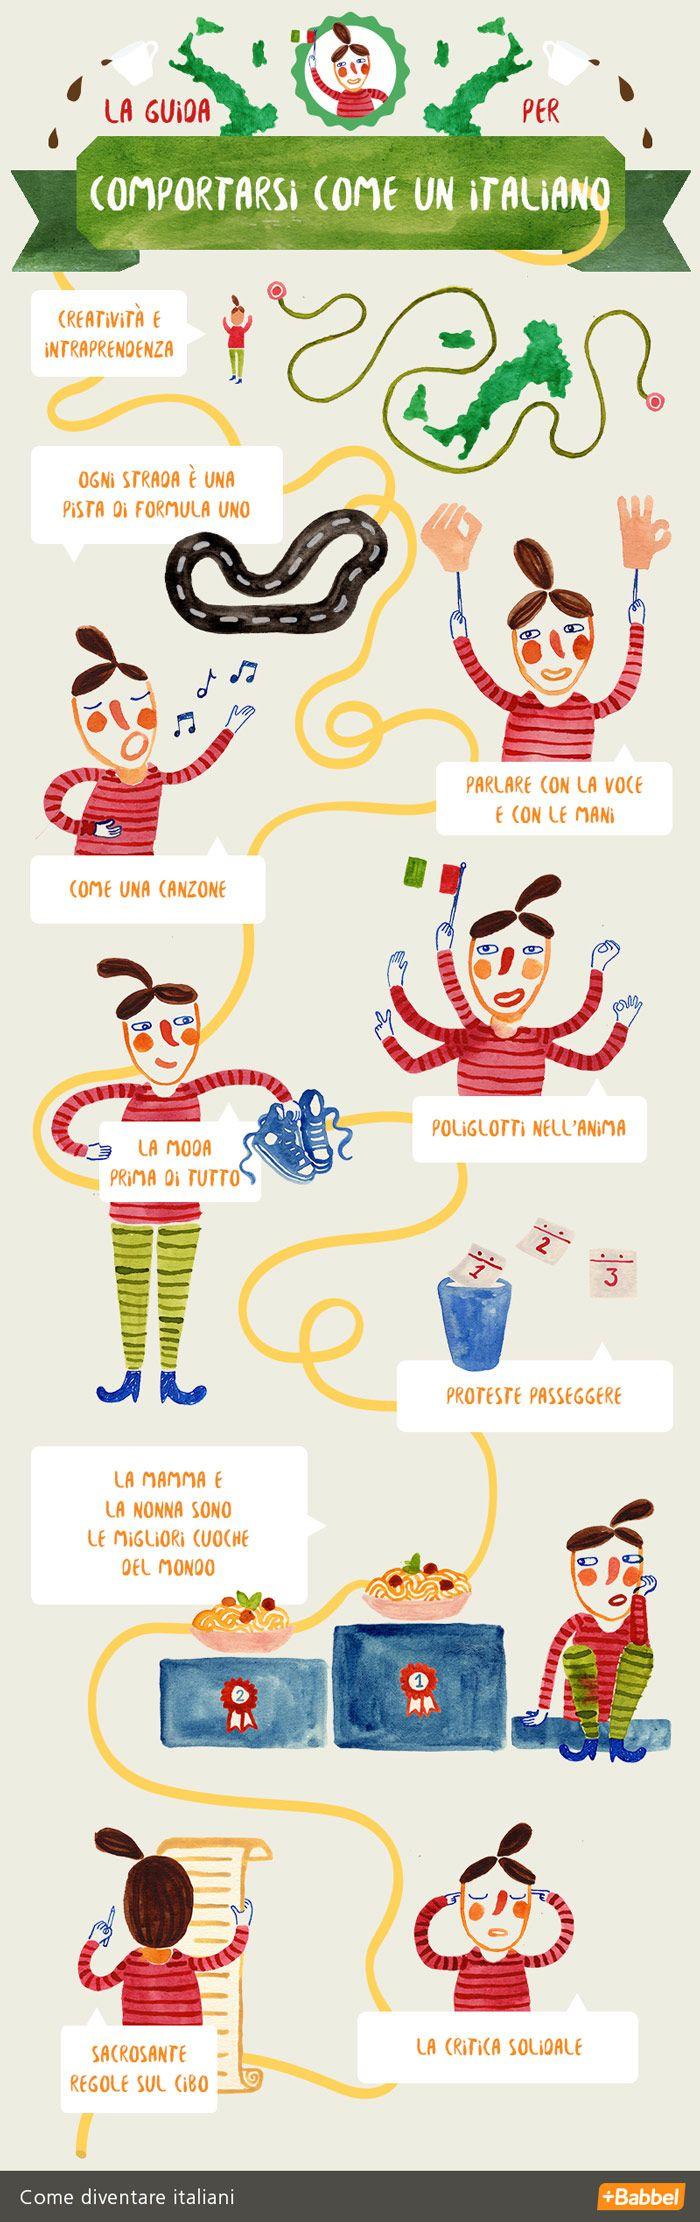 Come diventare italiani in 10 tappe - Babbel.com